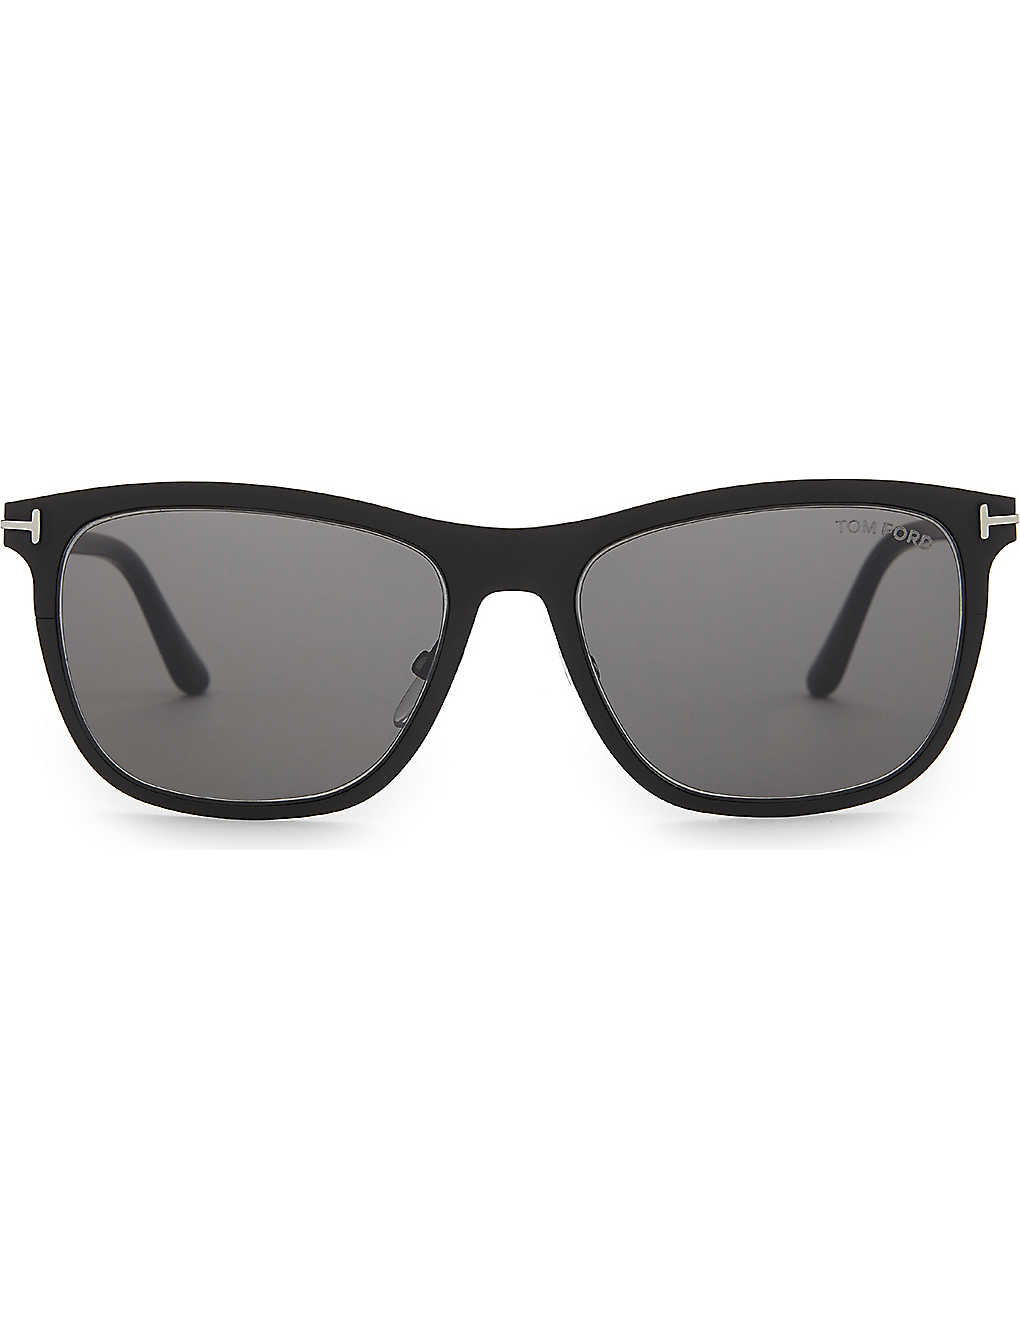 TOM FORD - Alasdhair square-frame sunglasses  5db46aab1b